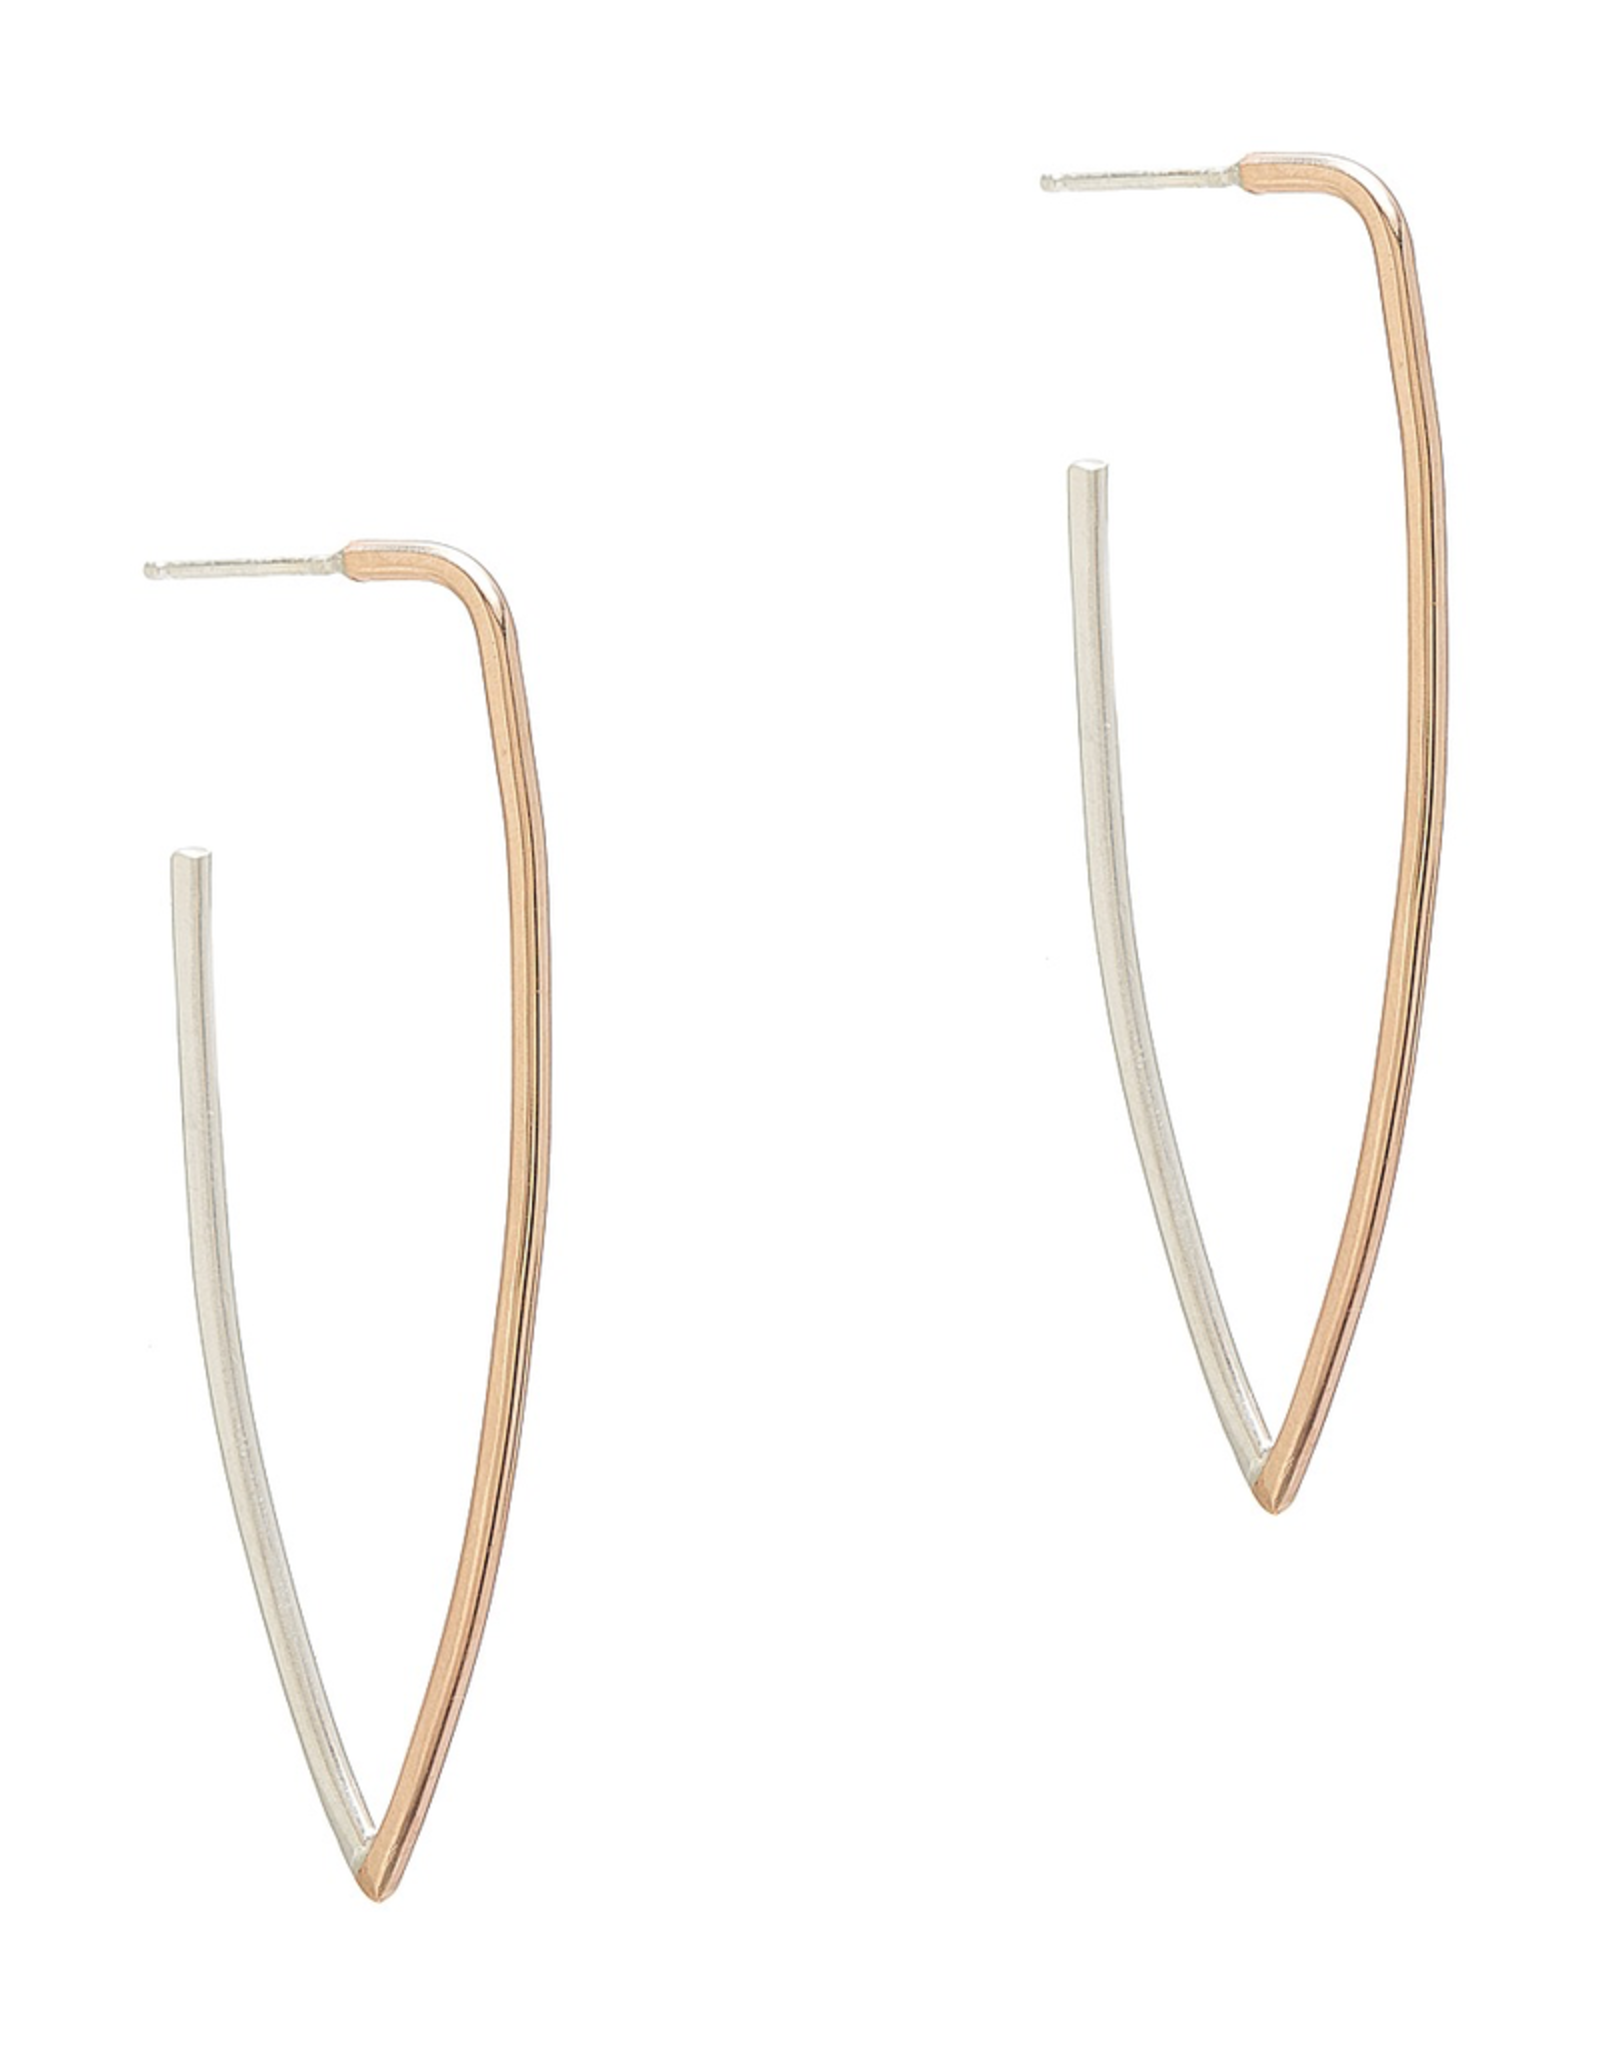 Handmade 14kt Goldfill and Sterling Silver Long V-shape earrings